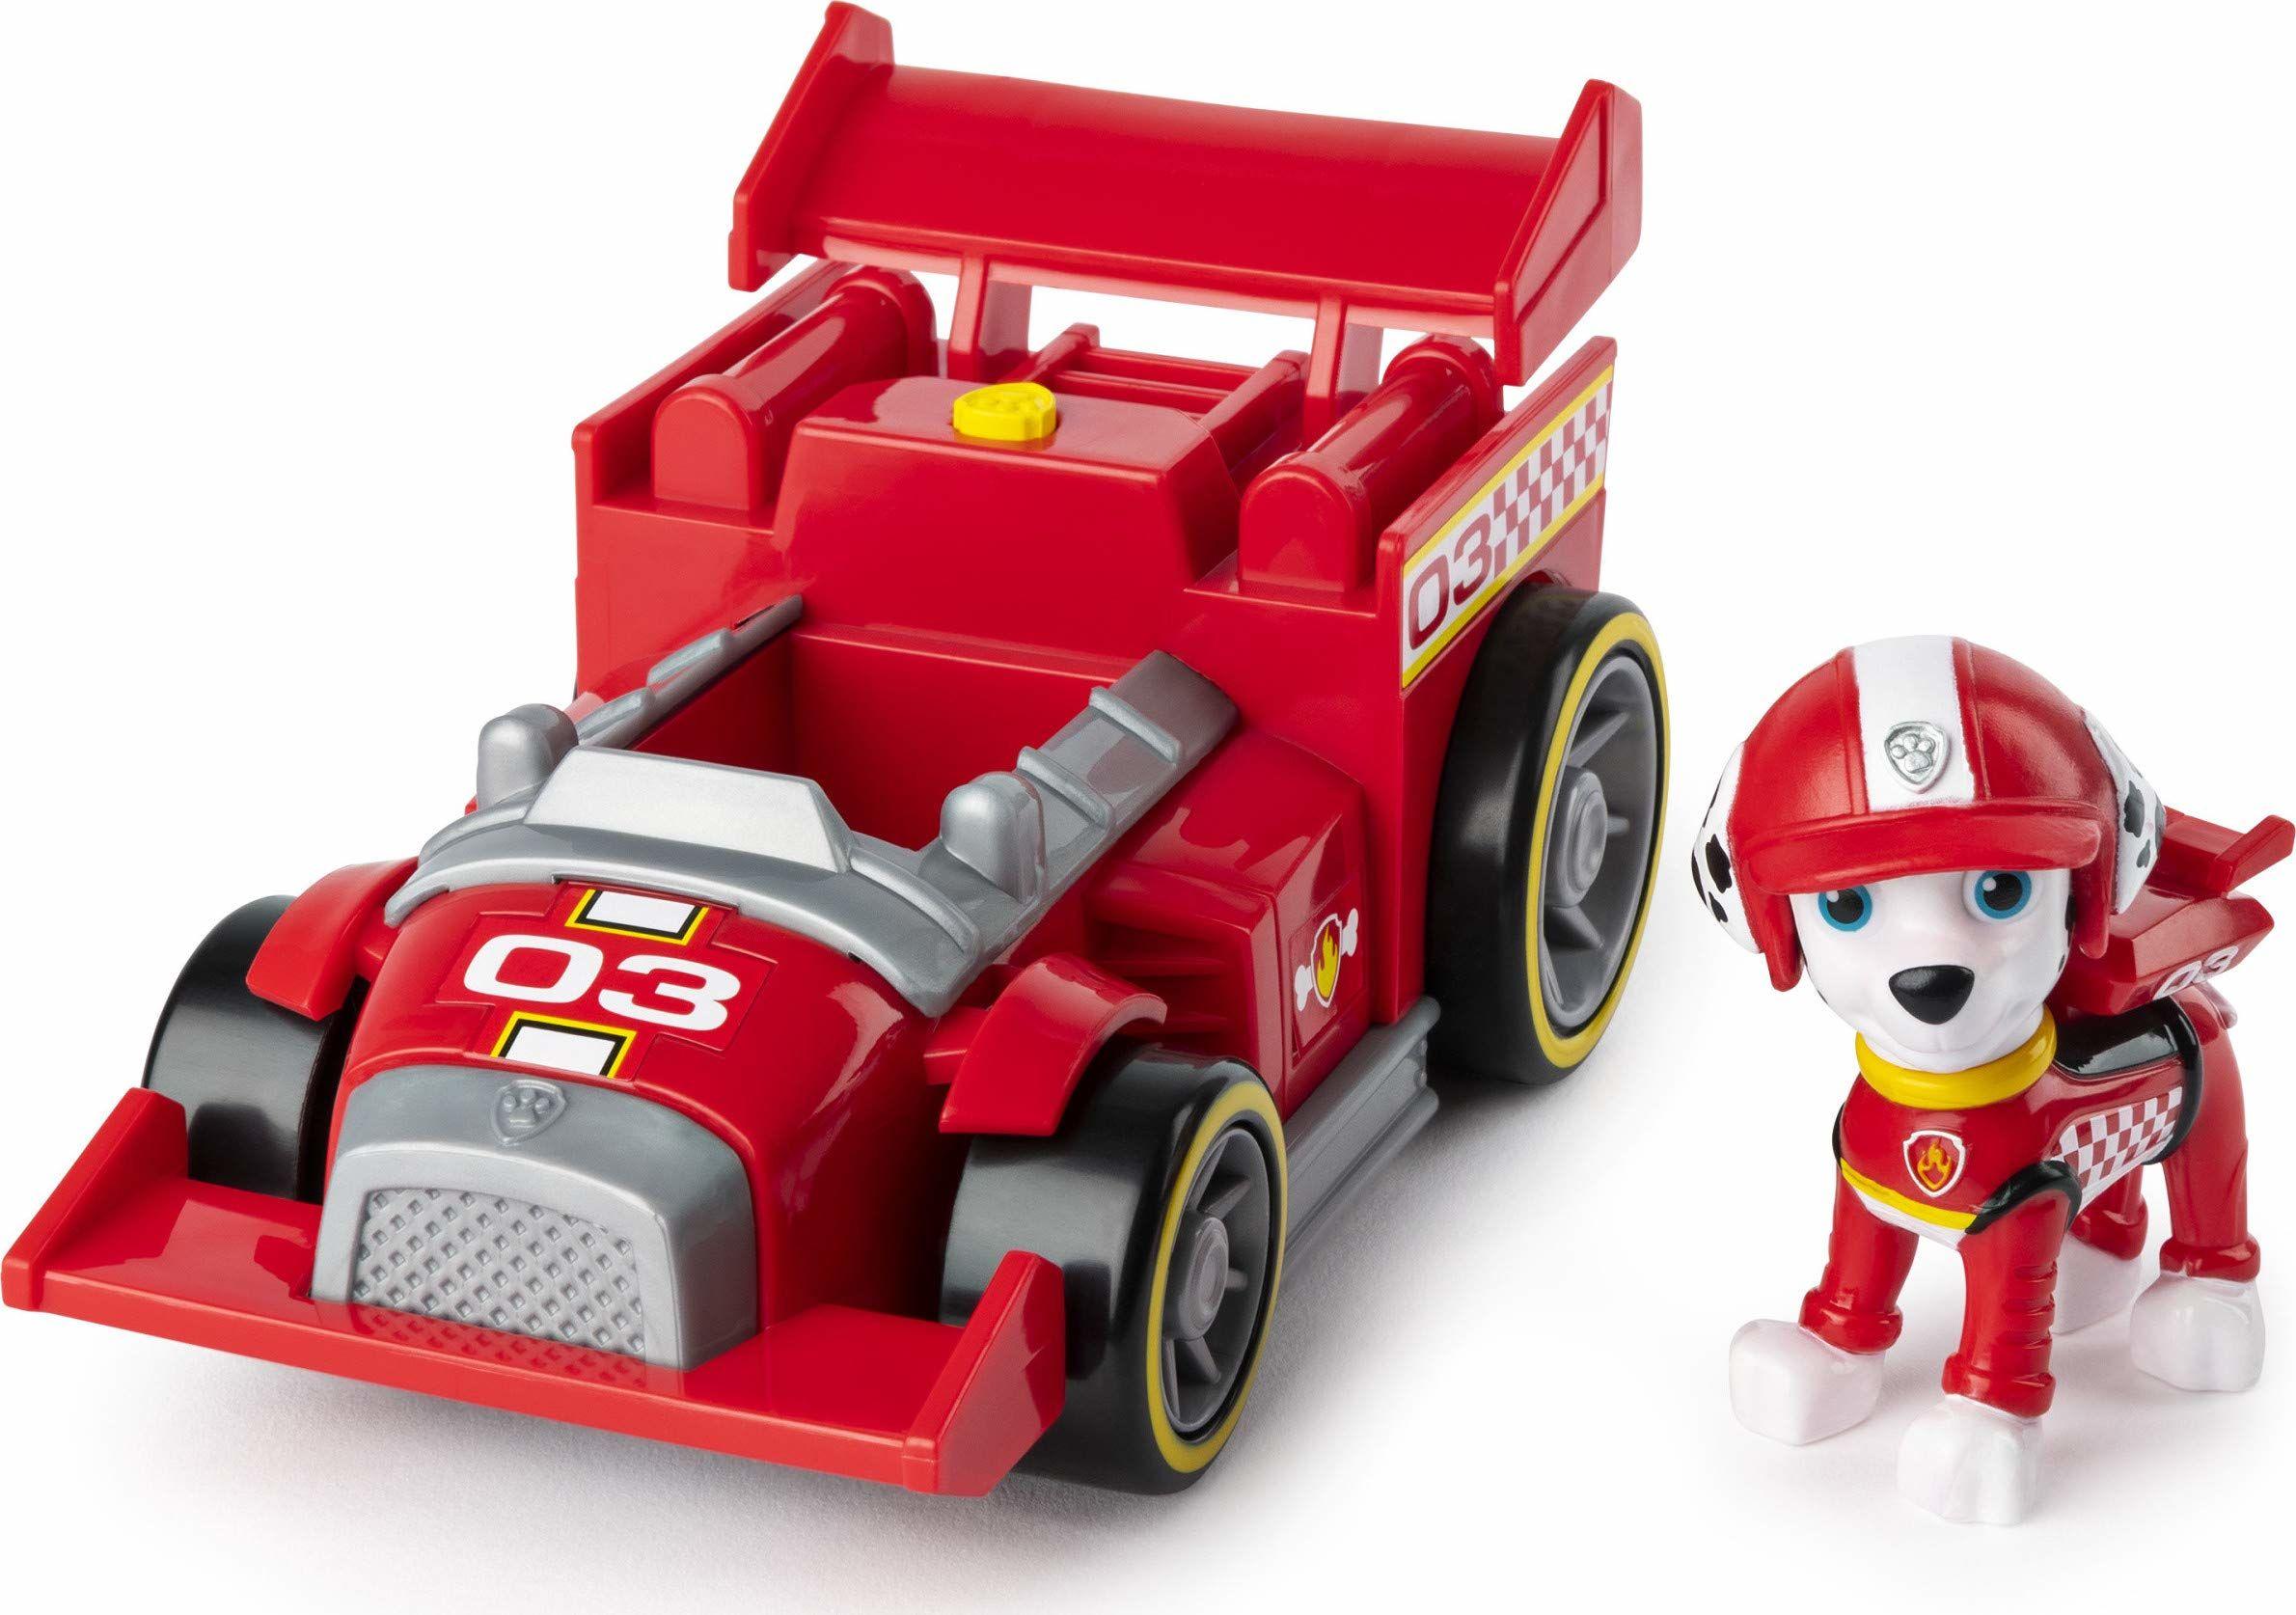 PAW Patrol Ready, Race, Rescue Marshall''s Race and Go Deluxe pojazd z dźwiękami, dla dzieci w wieku od 3 lat i powyżej